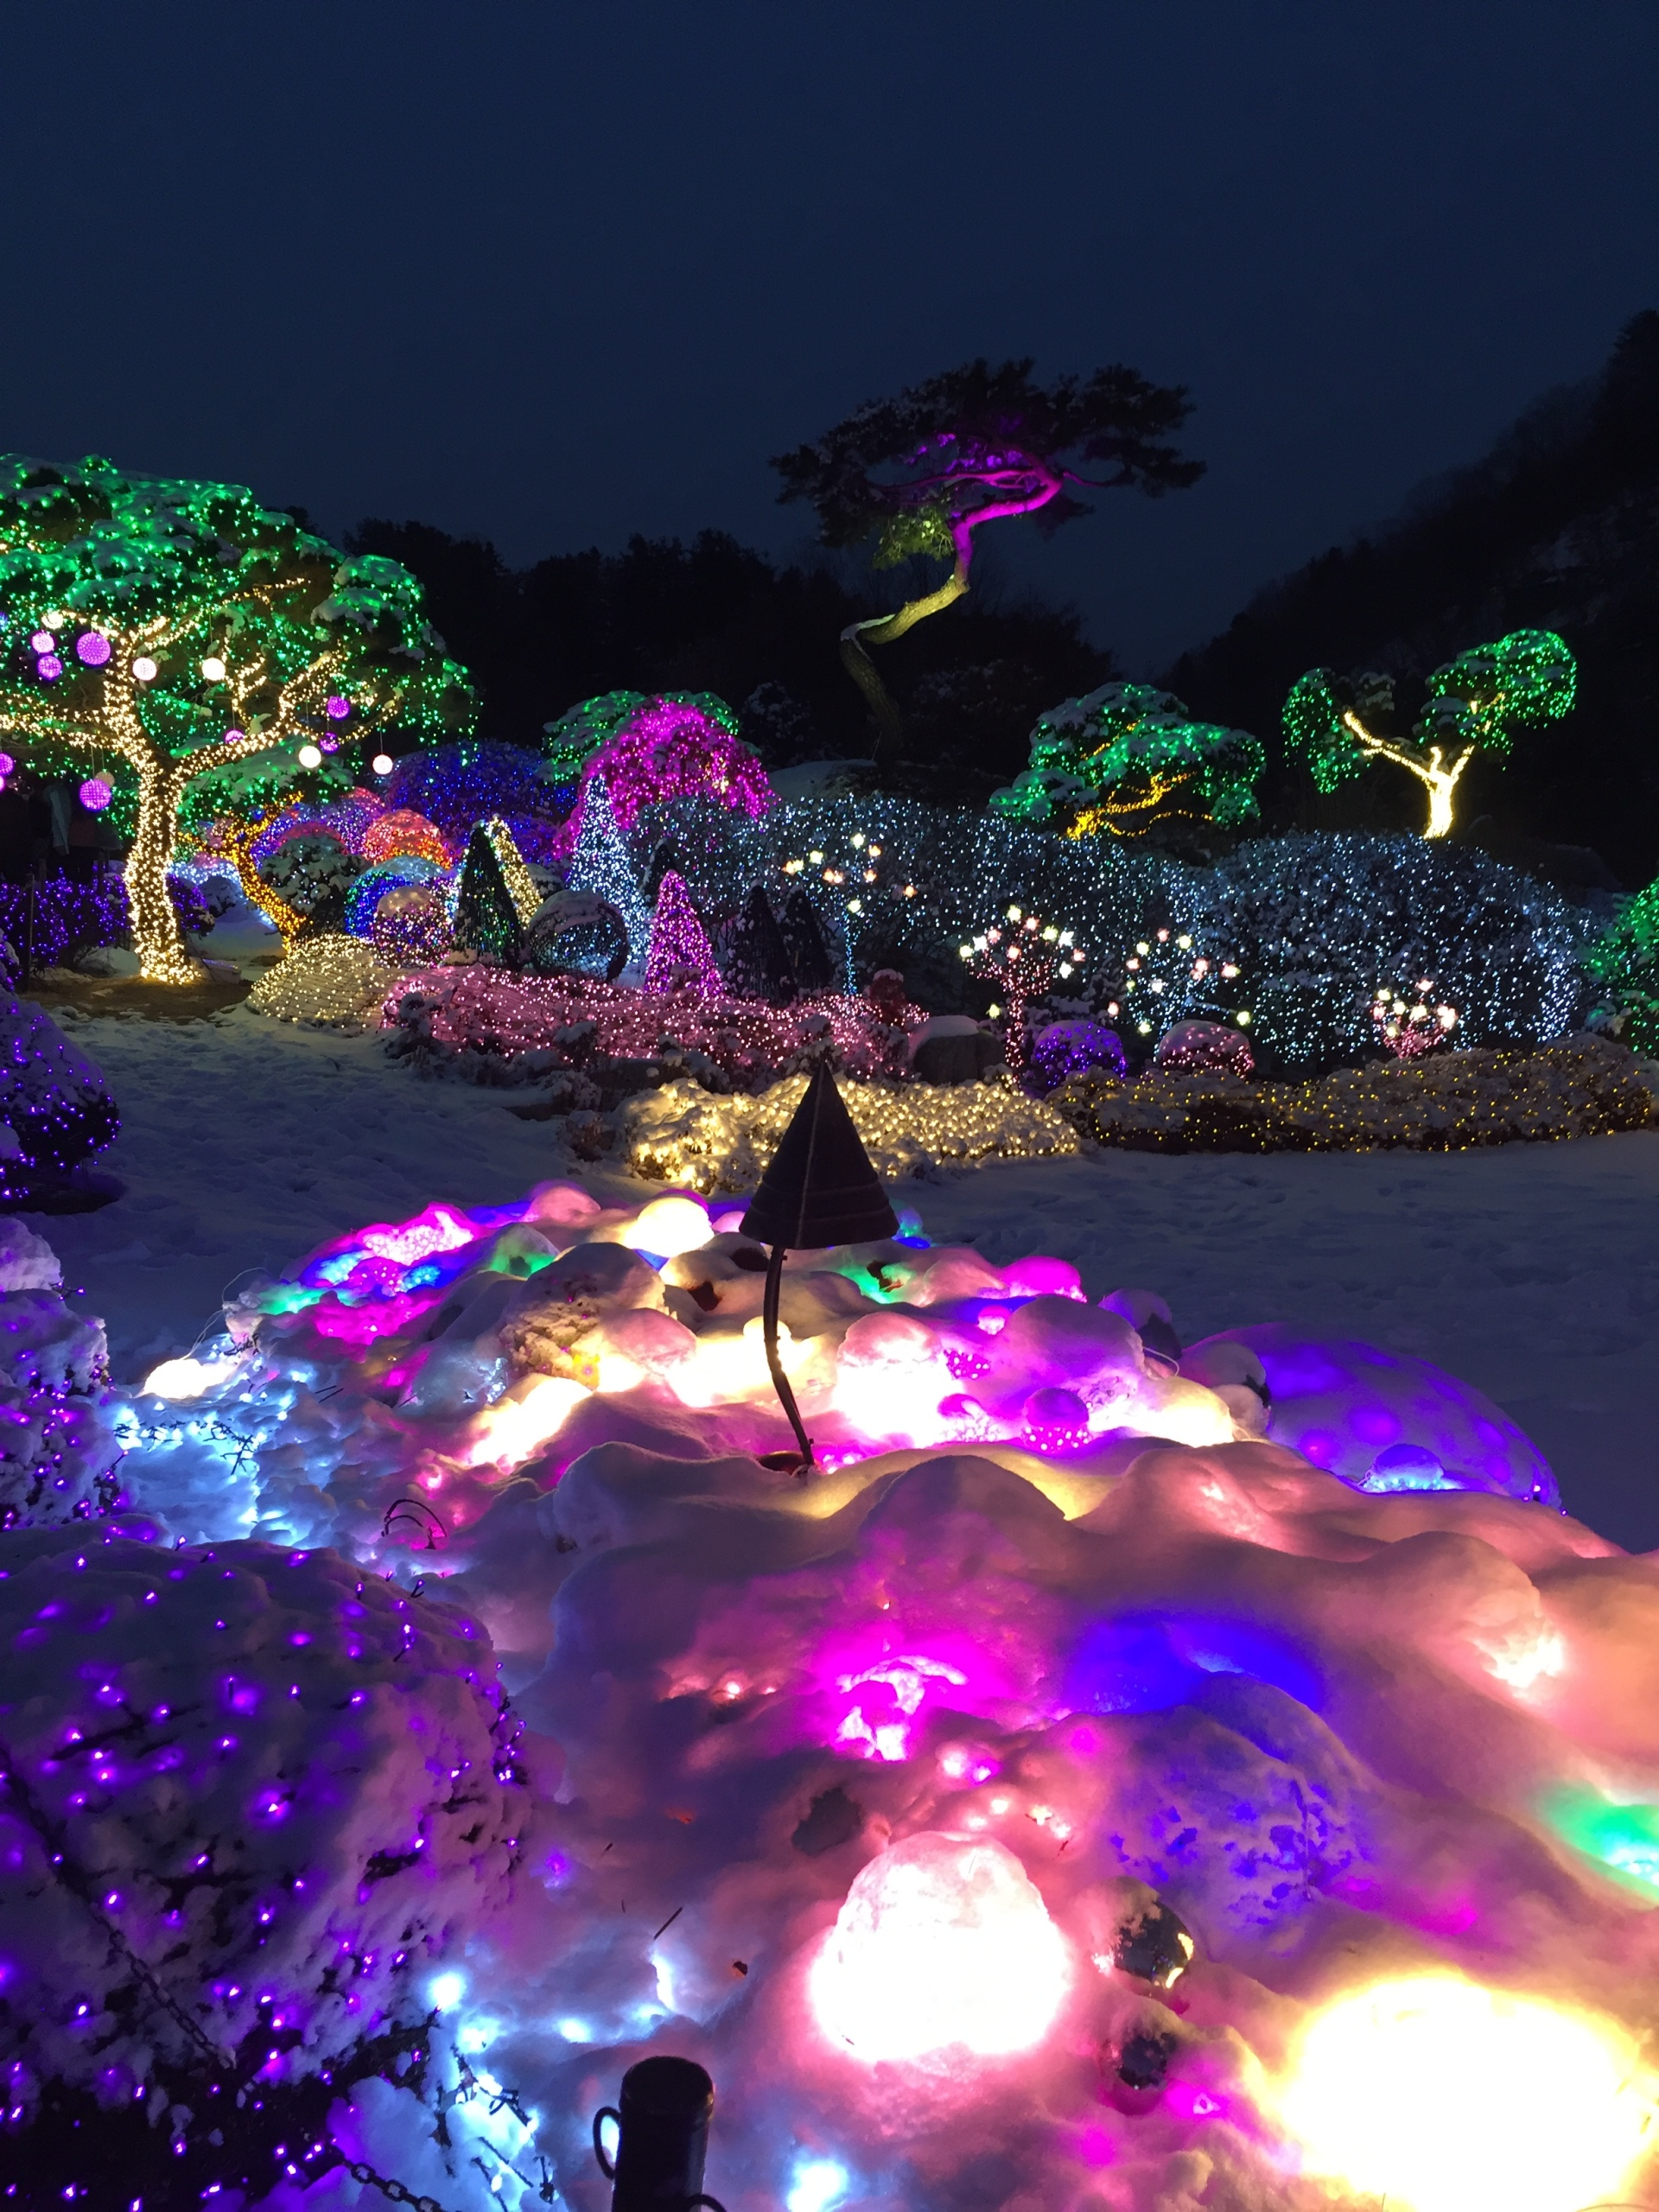 Garden of Morning Calm - South Korea's Top Attractions